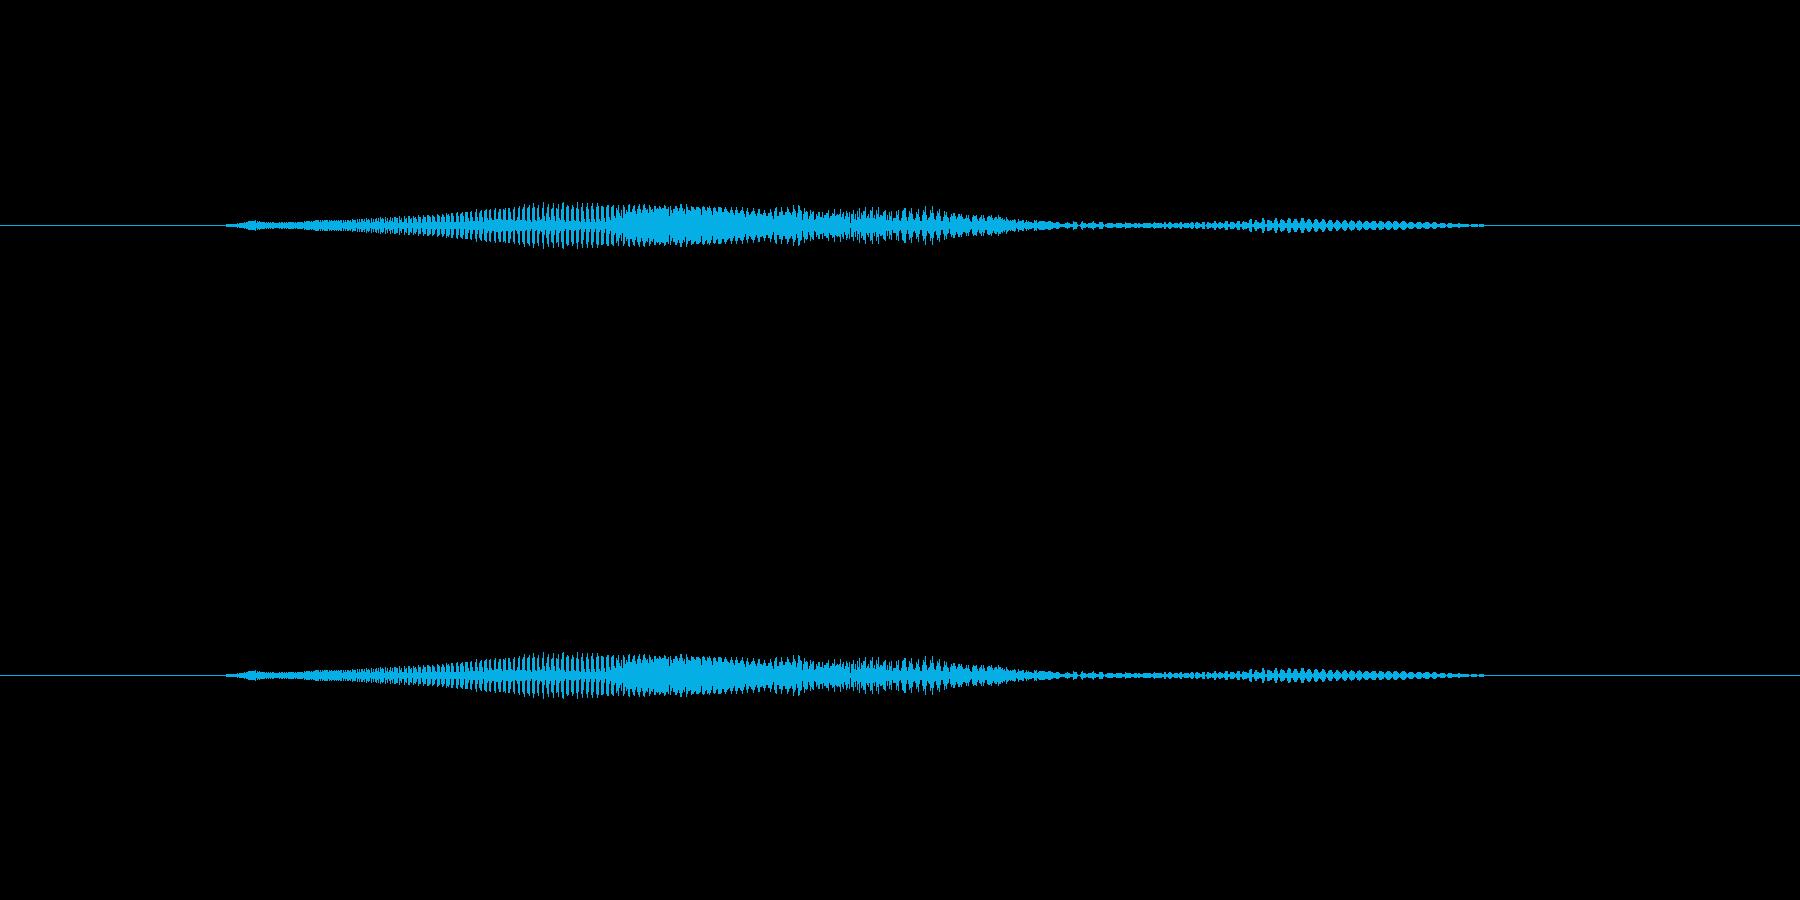 ニャー_猫声-04の再生済みの波形